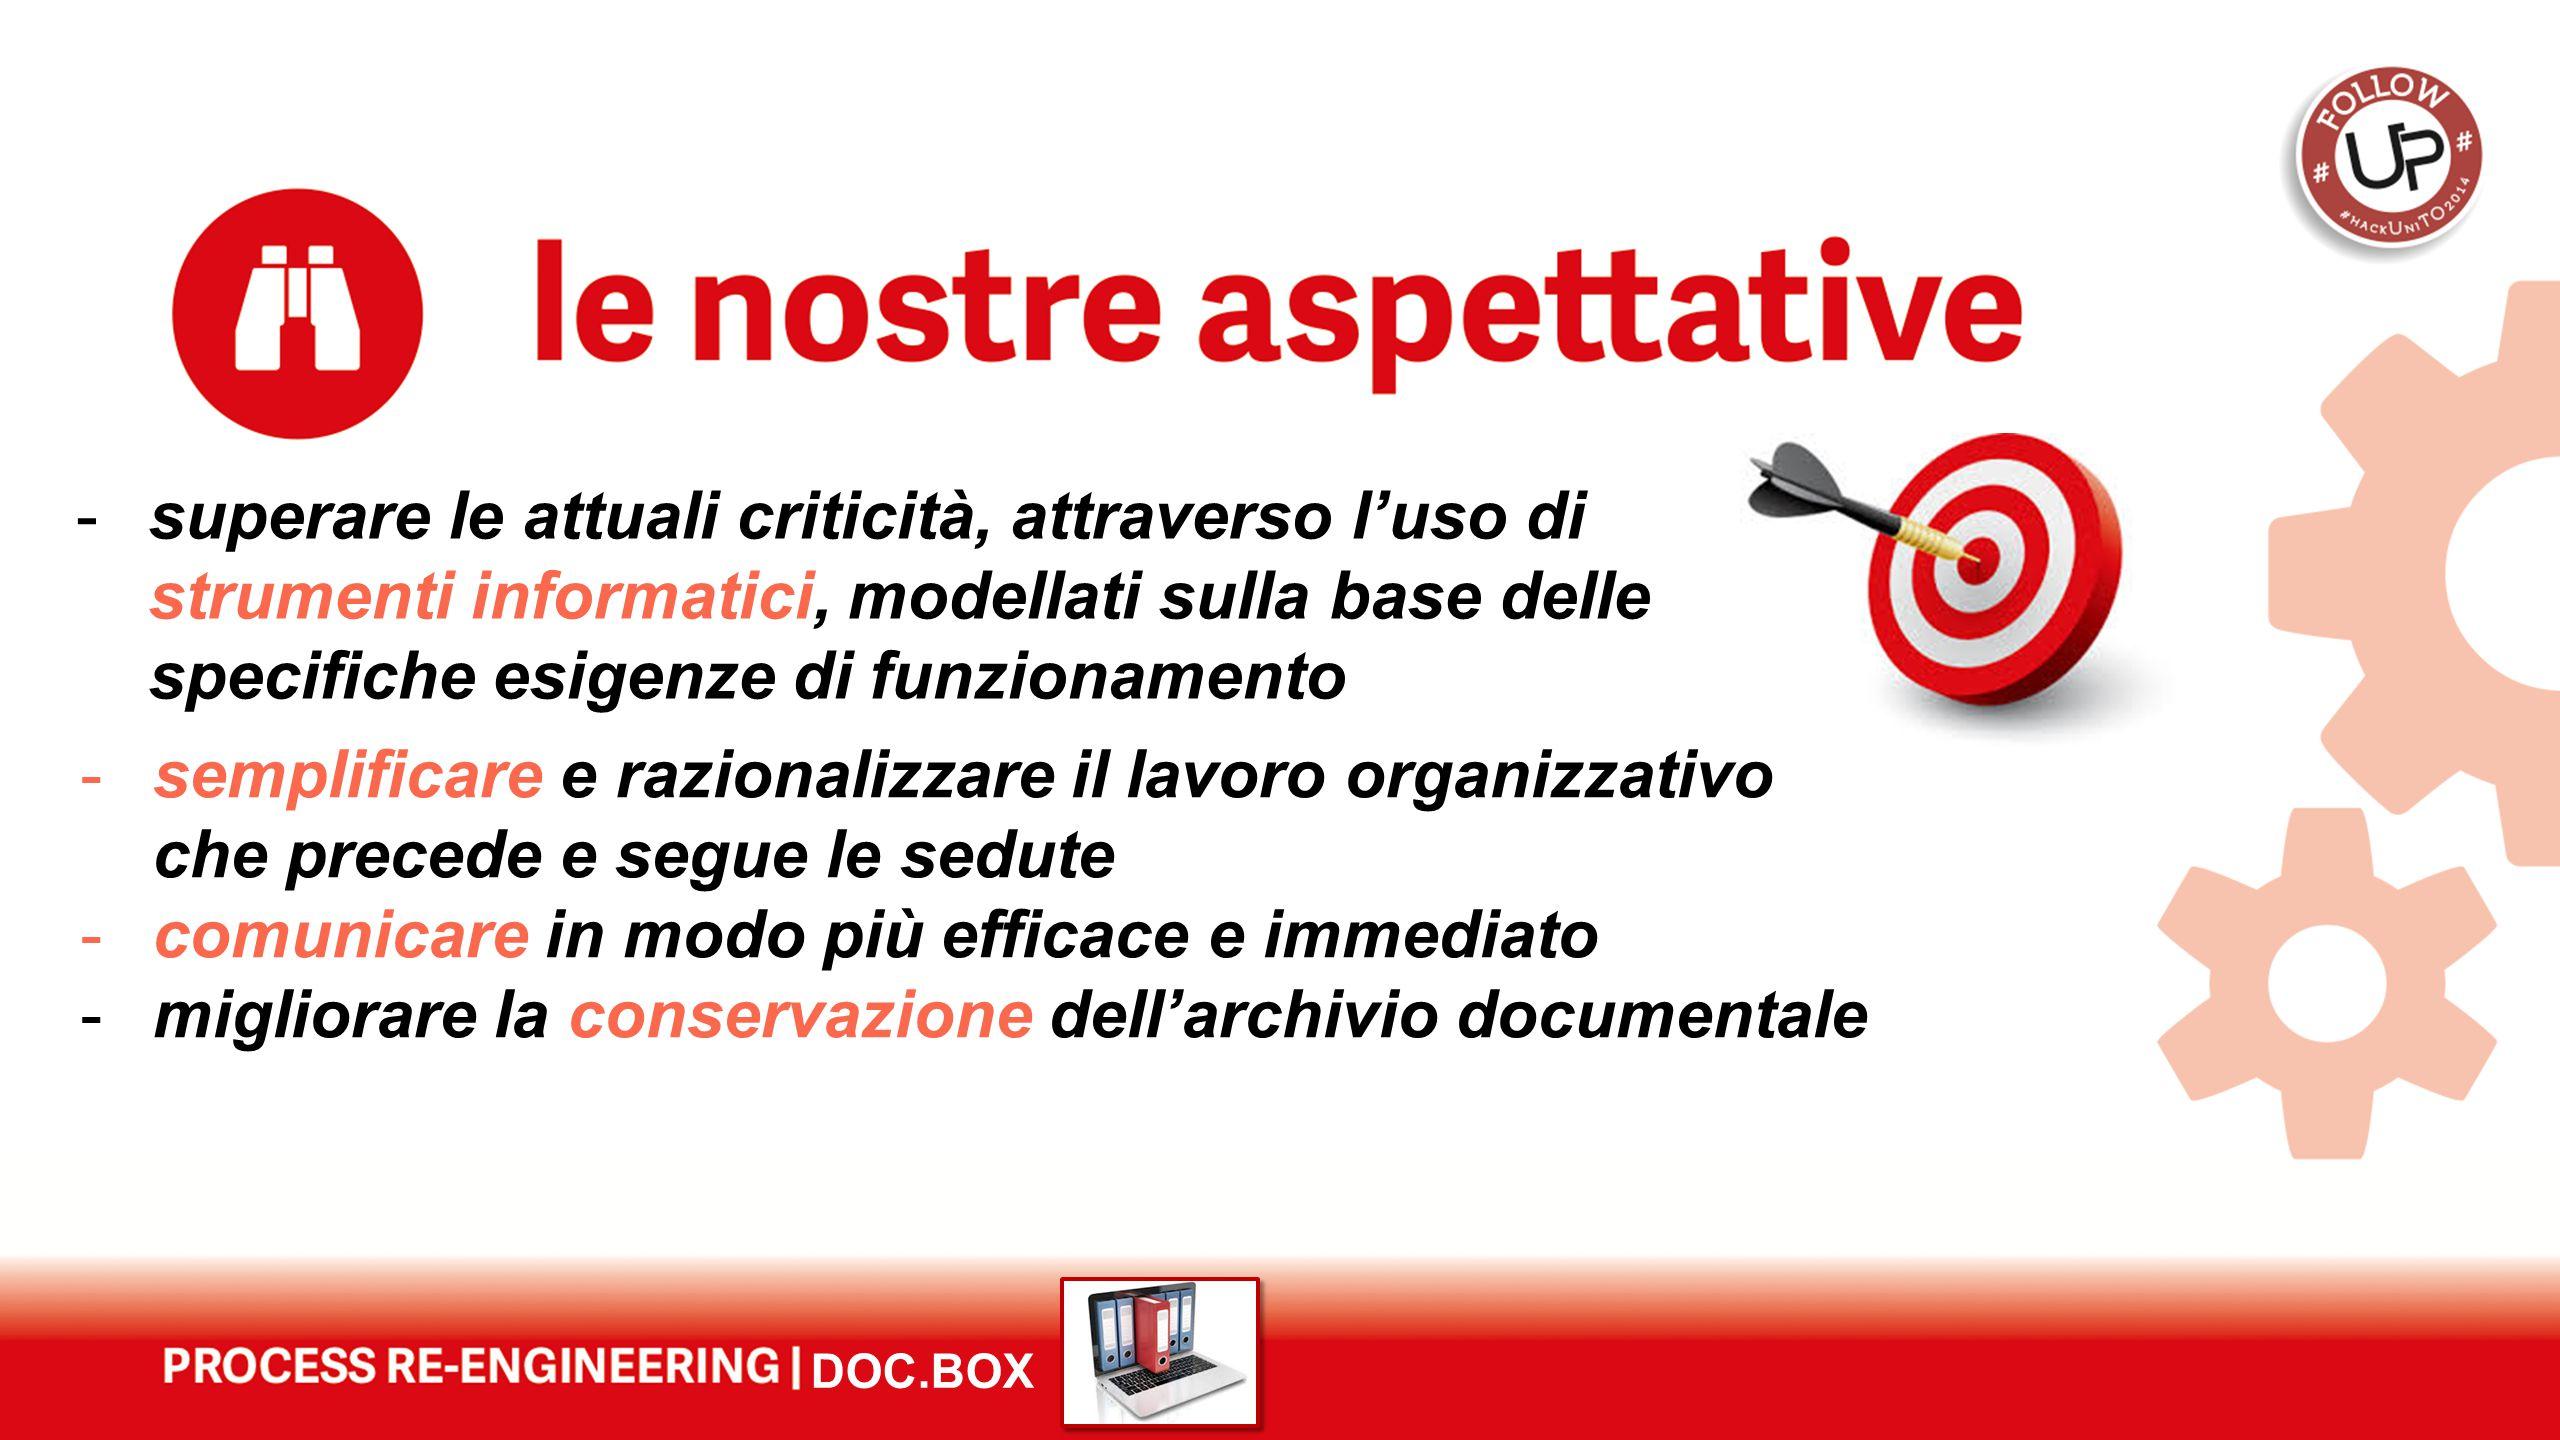 DOC.BOX -semplificare e razionalizzare il lavoro organizzativo che precede e segue le sedute -comunicare in modo più efficace e immediato -migliorare